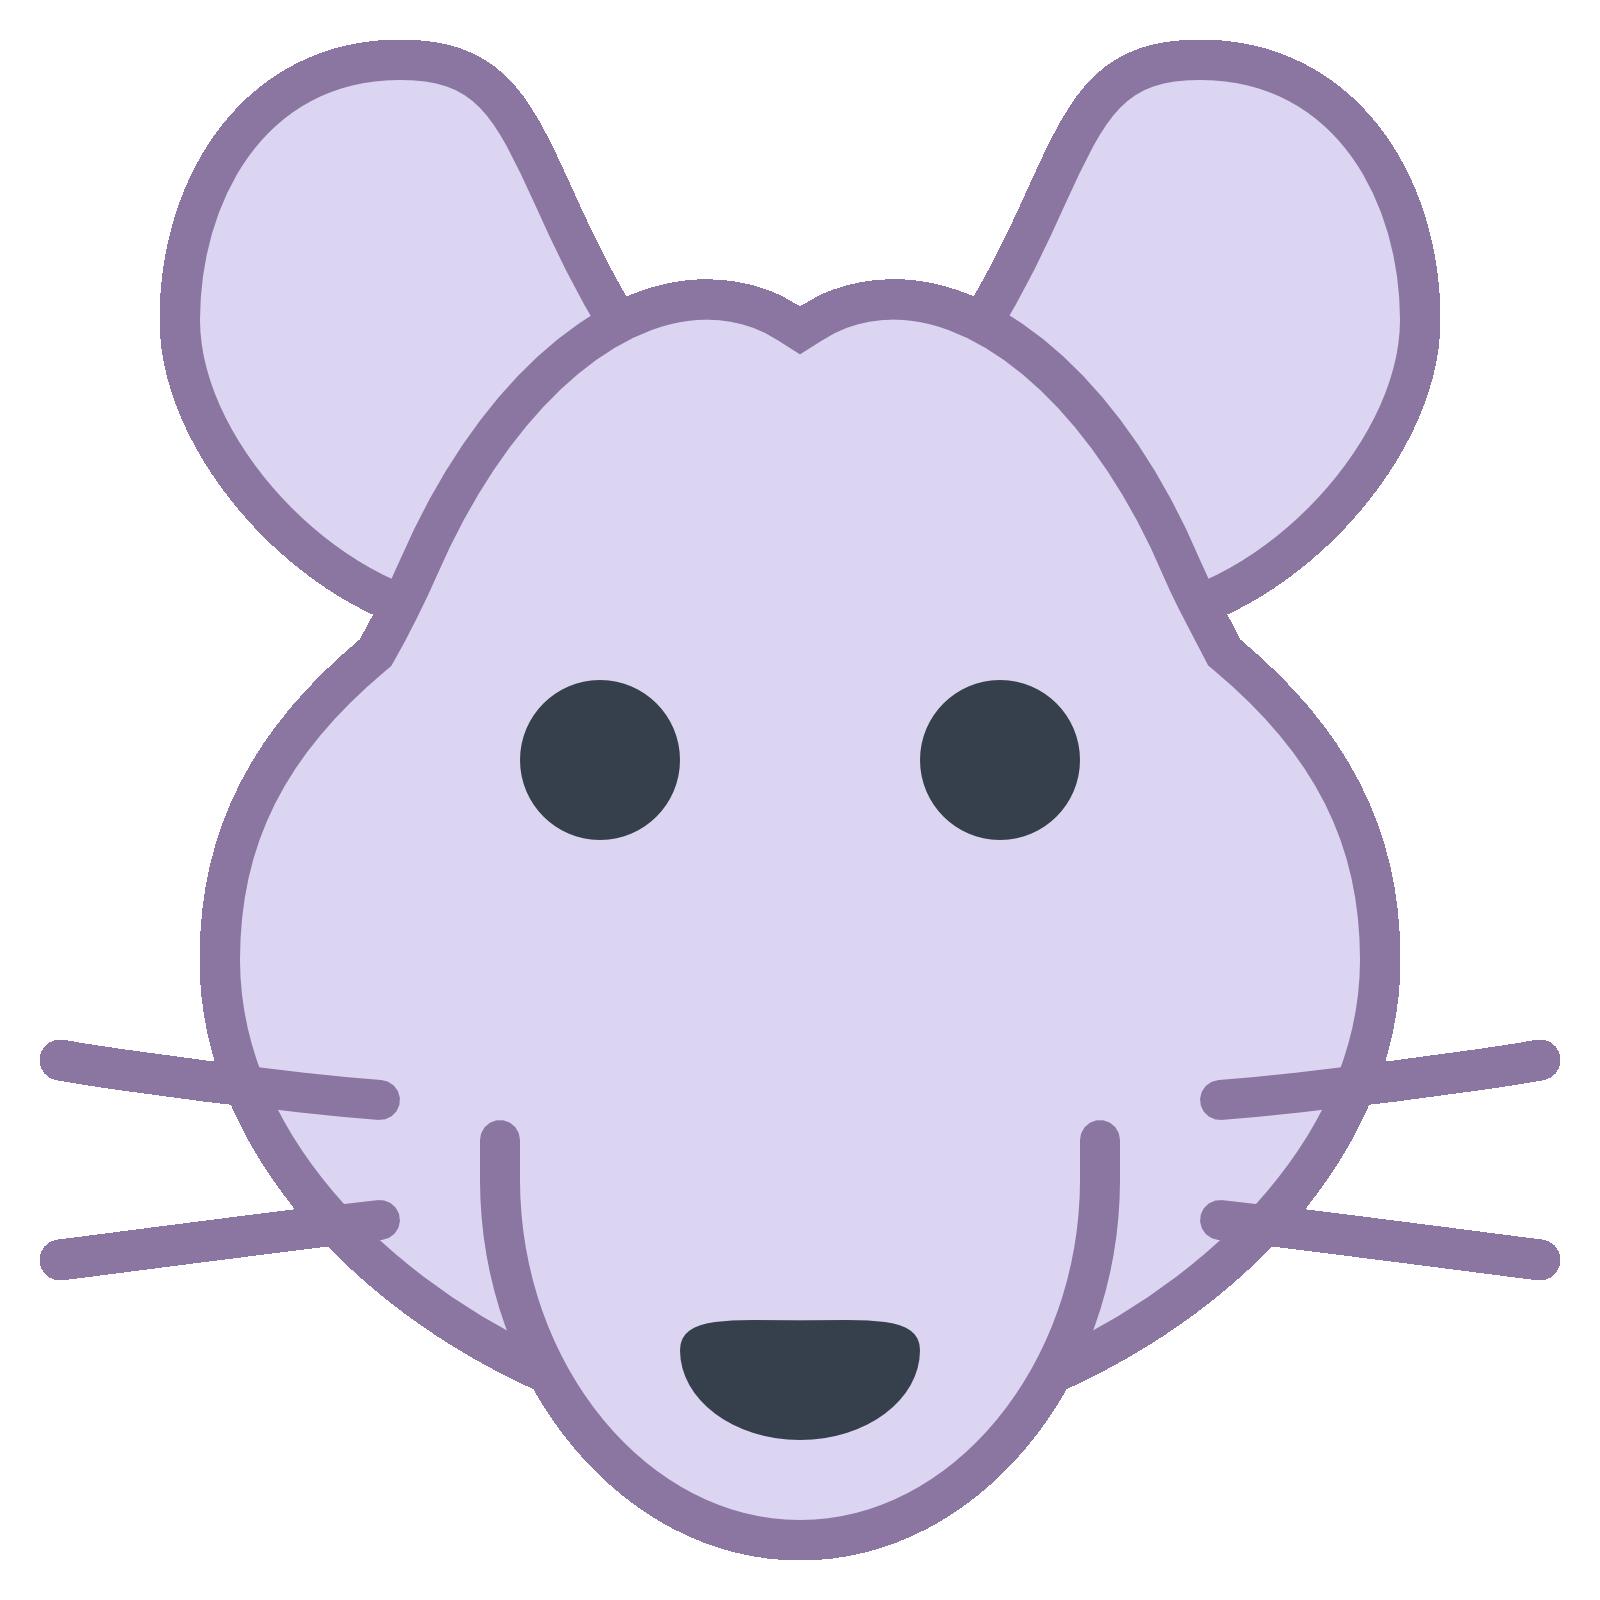 2020 - Год Крысы